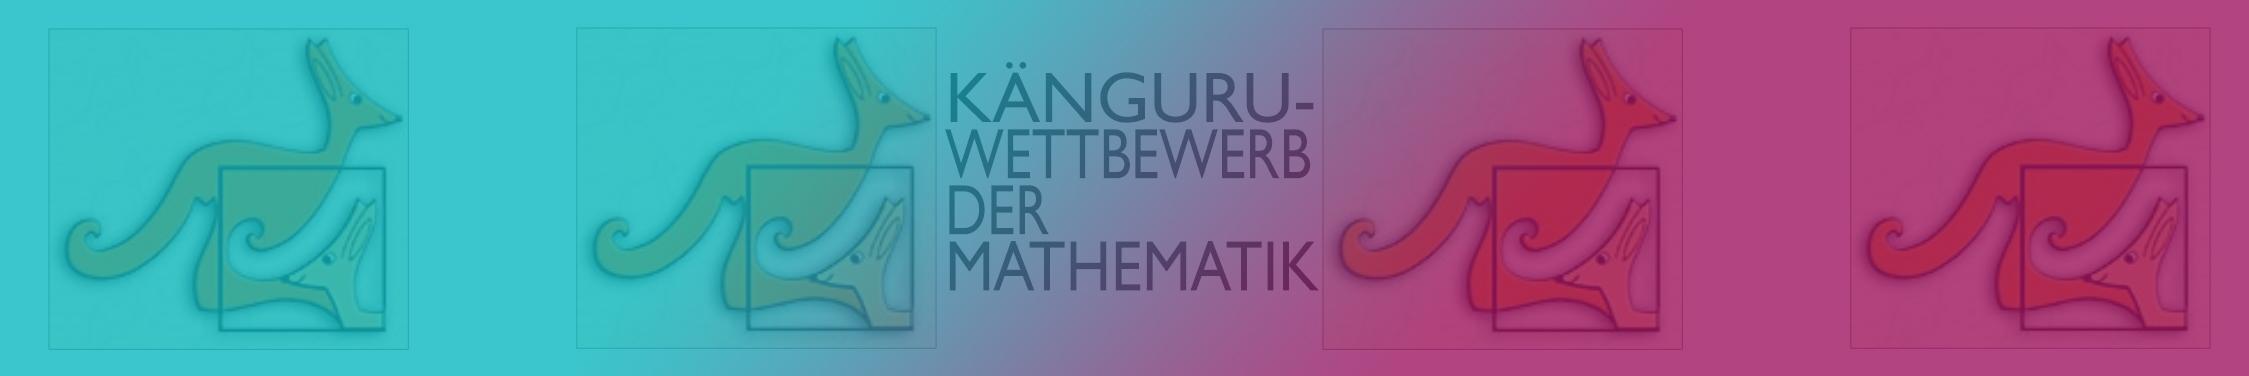 Mathe-Spaß: Känguru-Wettbewerb 2021